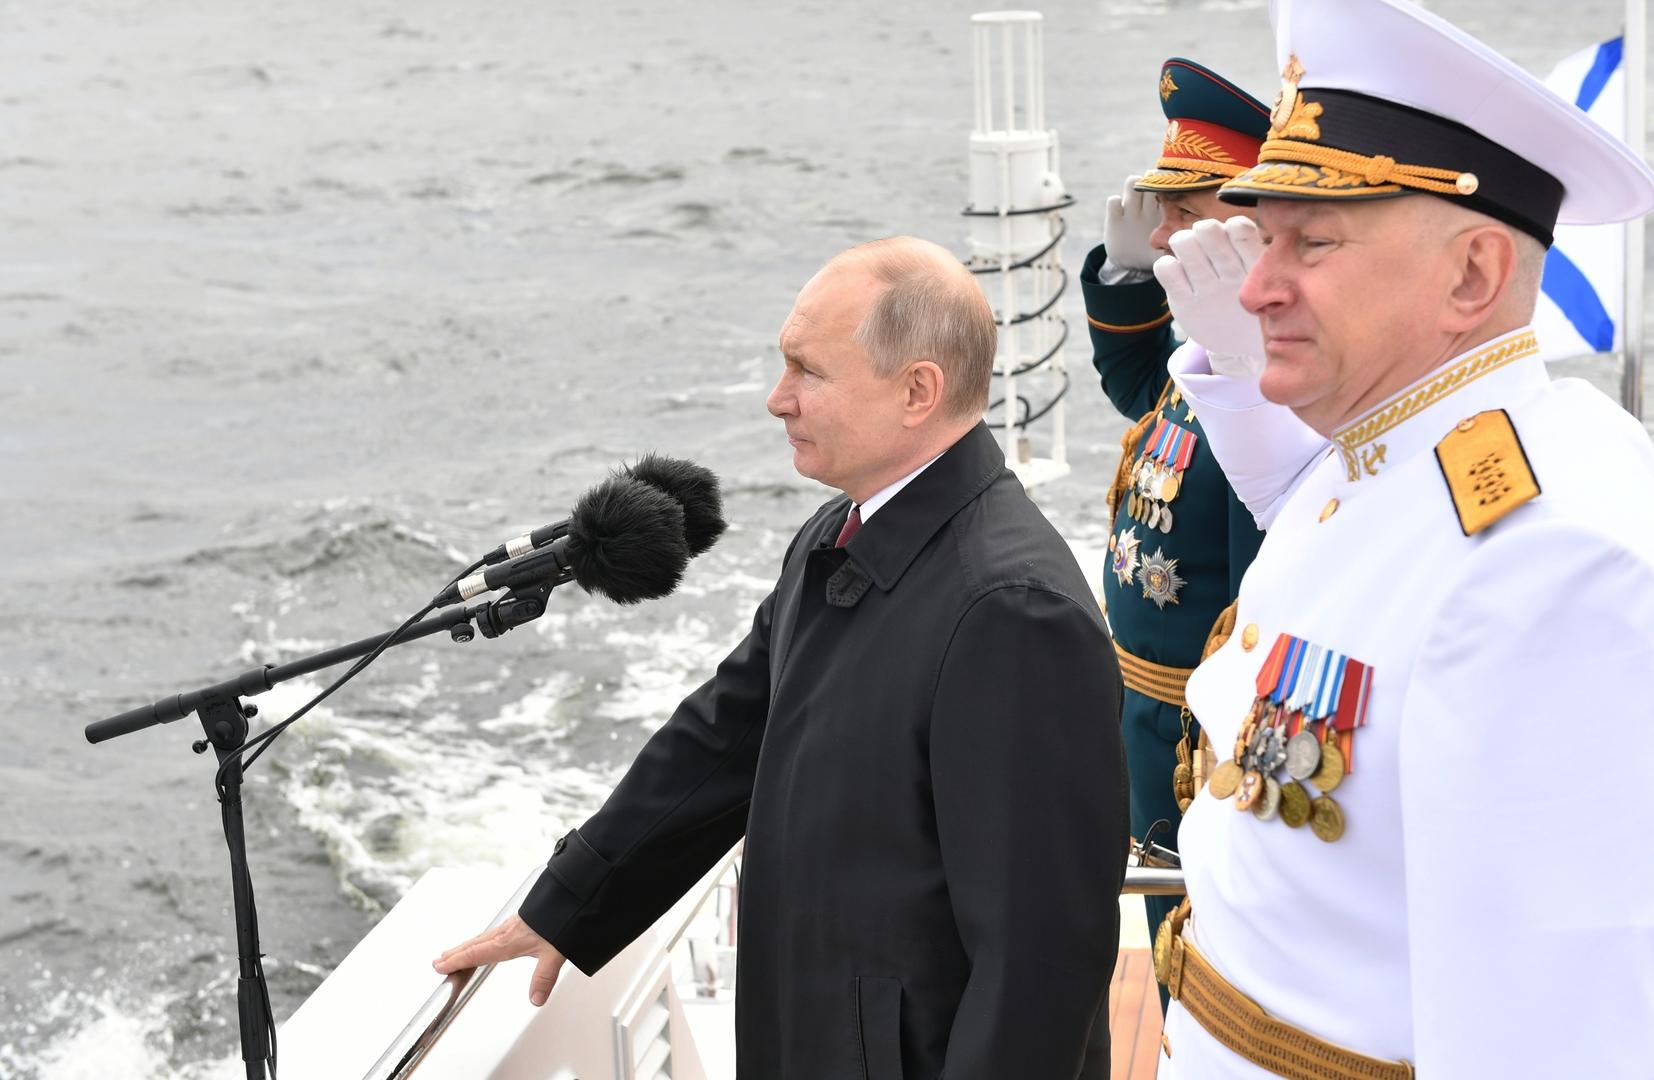 الرئيس الروسي فلاديمير بوتين يلقي خطابا بمناسبة يوم الأسطول الروسي، روسيا، 25 يوليو 2021